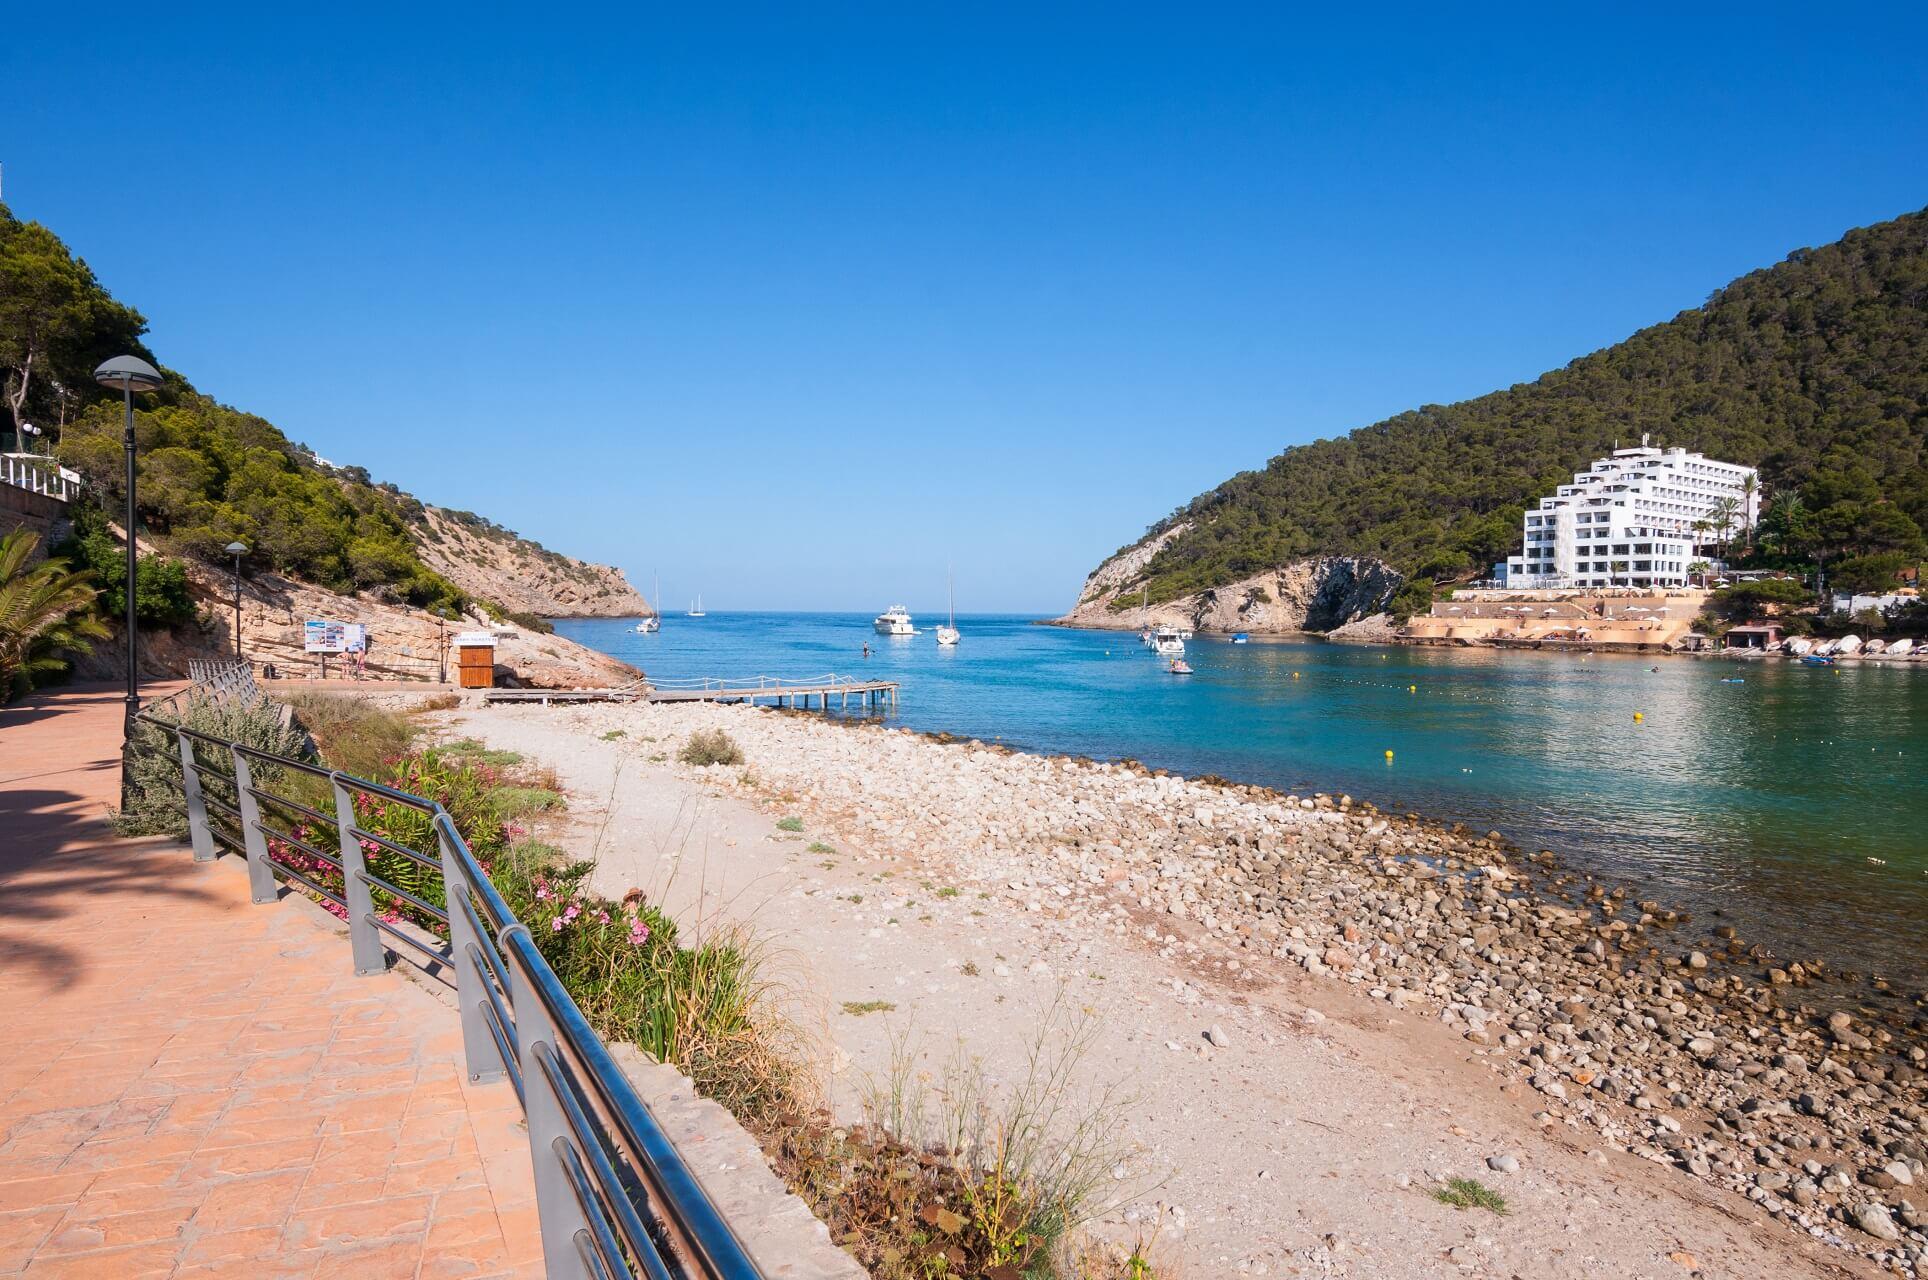 Der Strand Cala Llonga auf Ibiza in Spanien liegt geschützt in einer Bucht